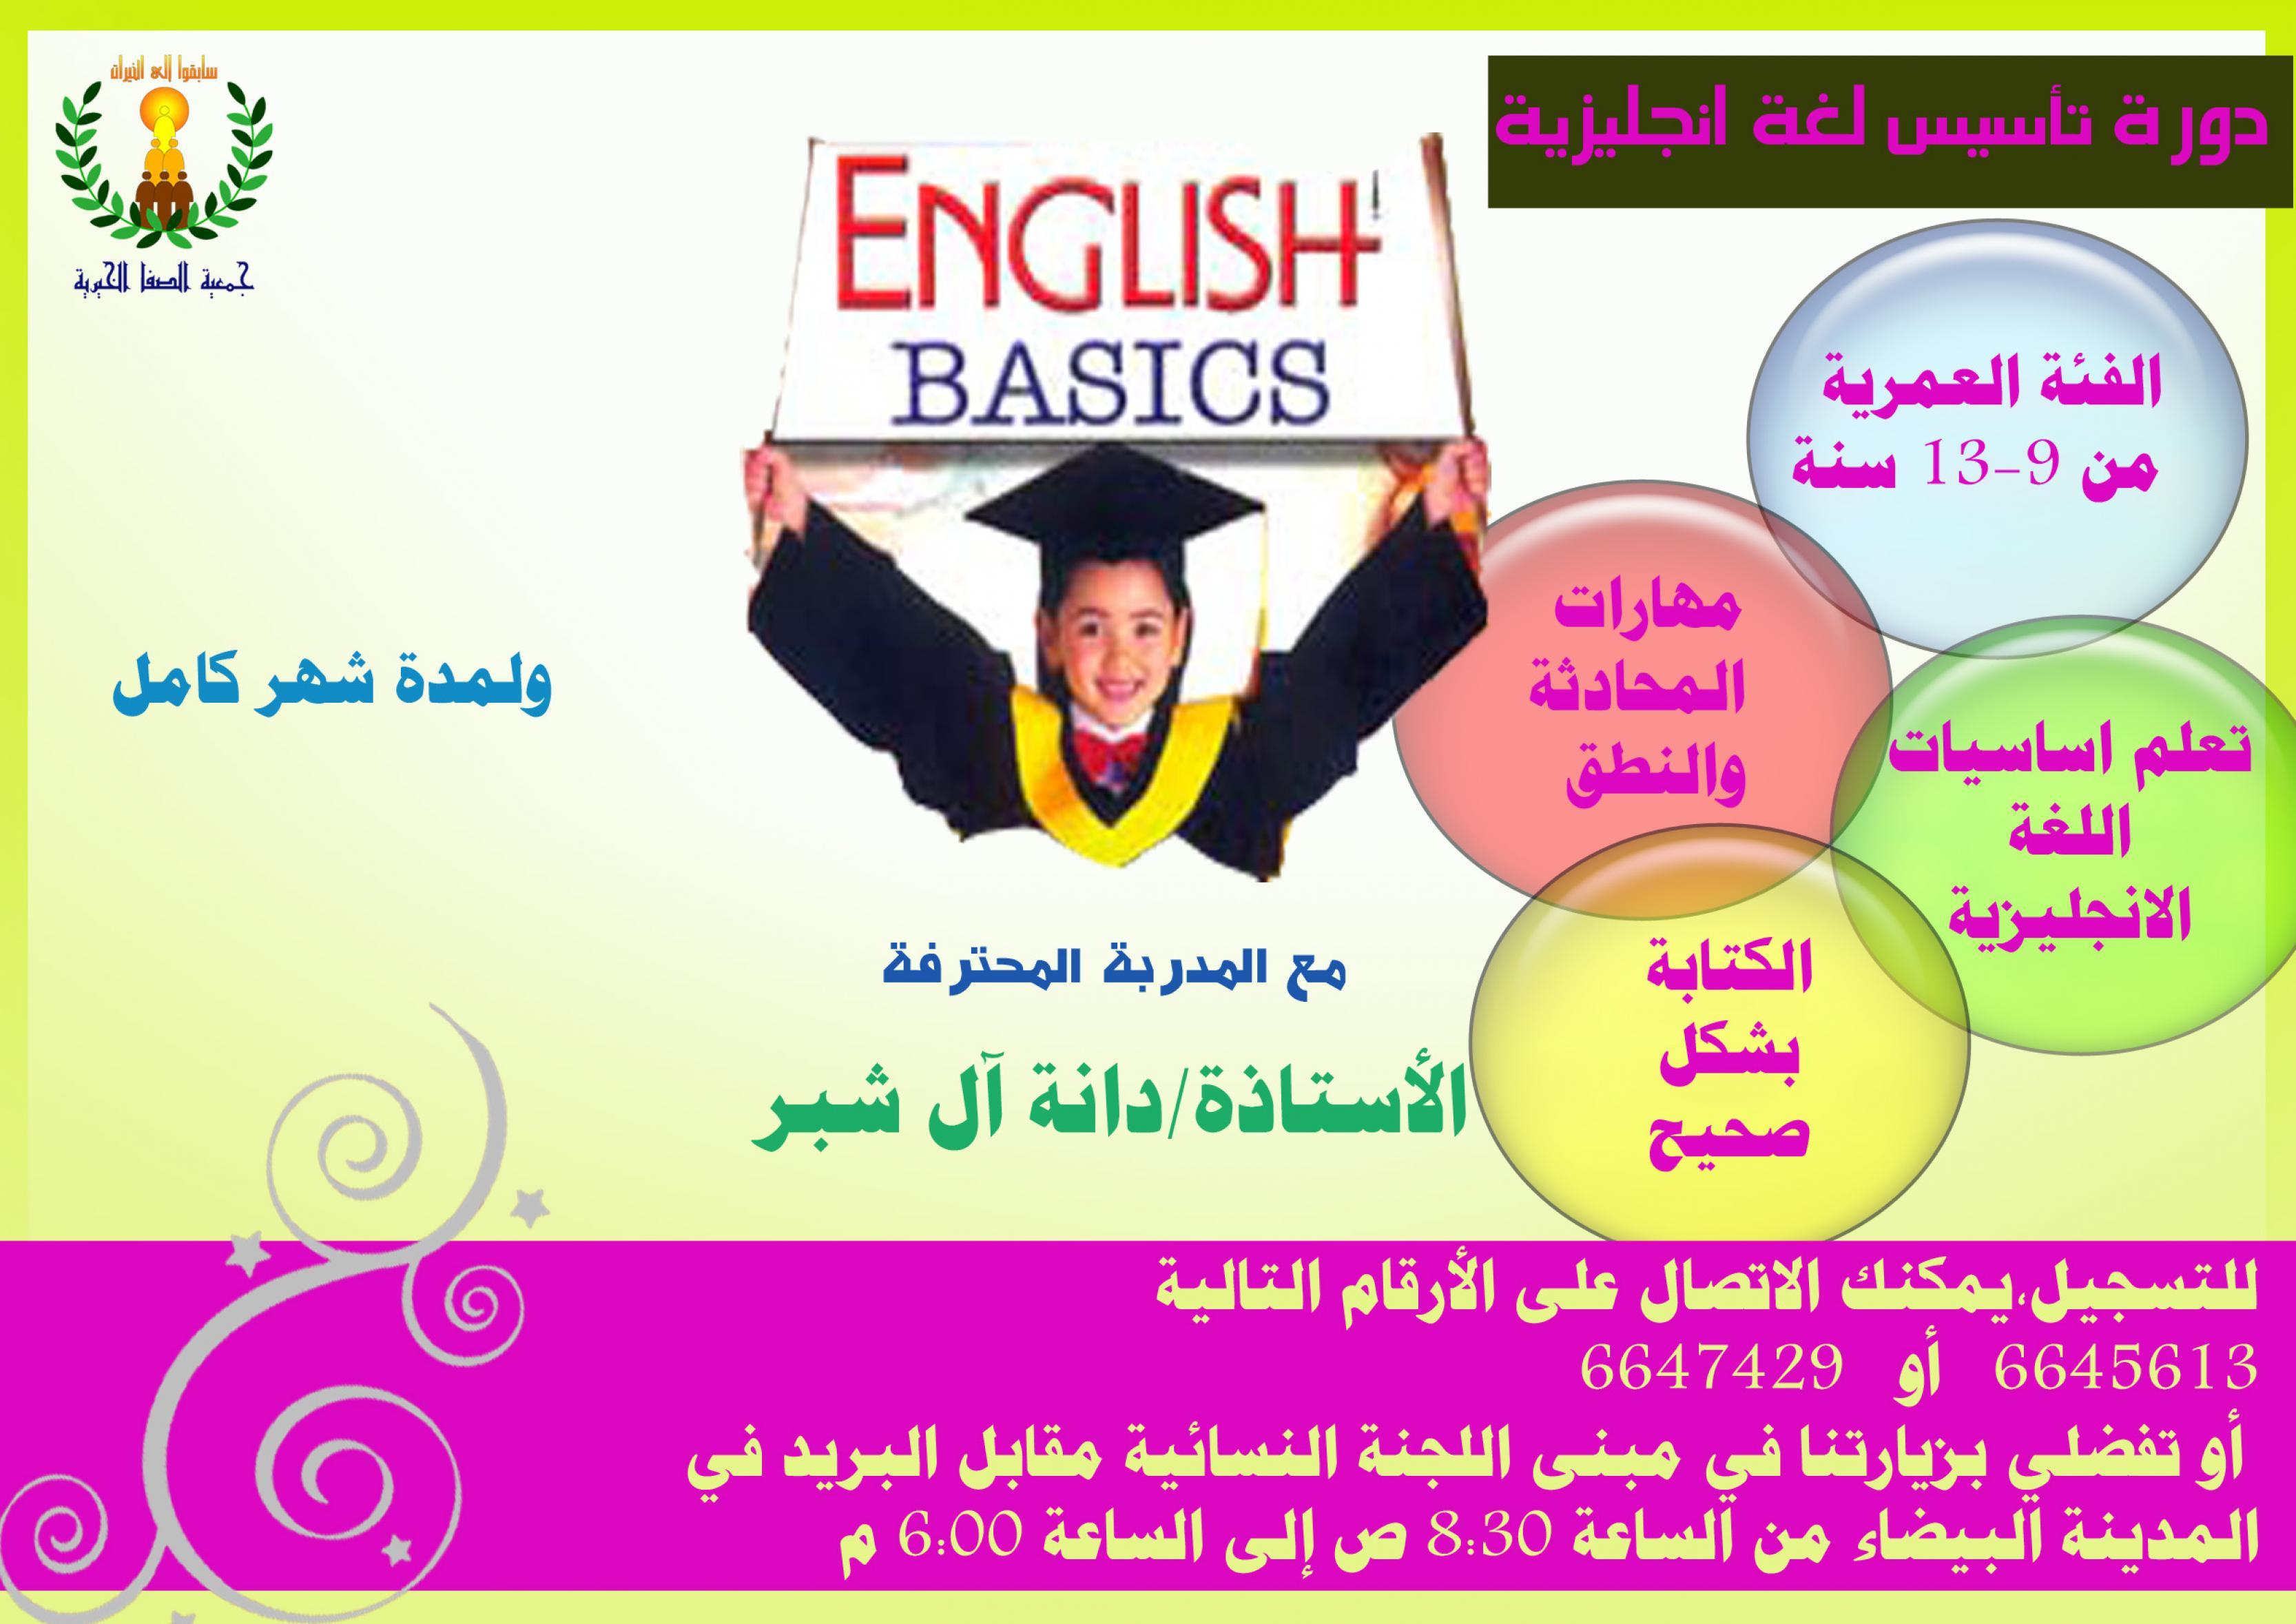 صور اعلان دورات اللغة الانجليزية العامة